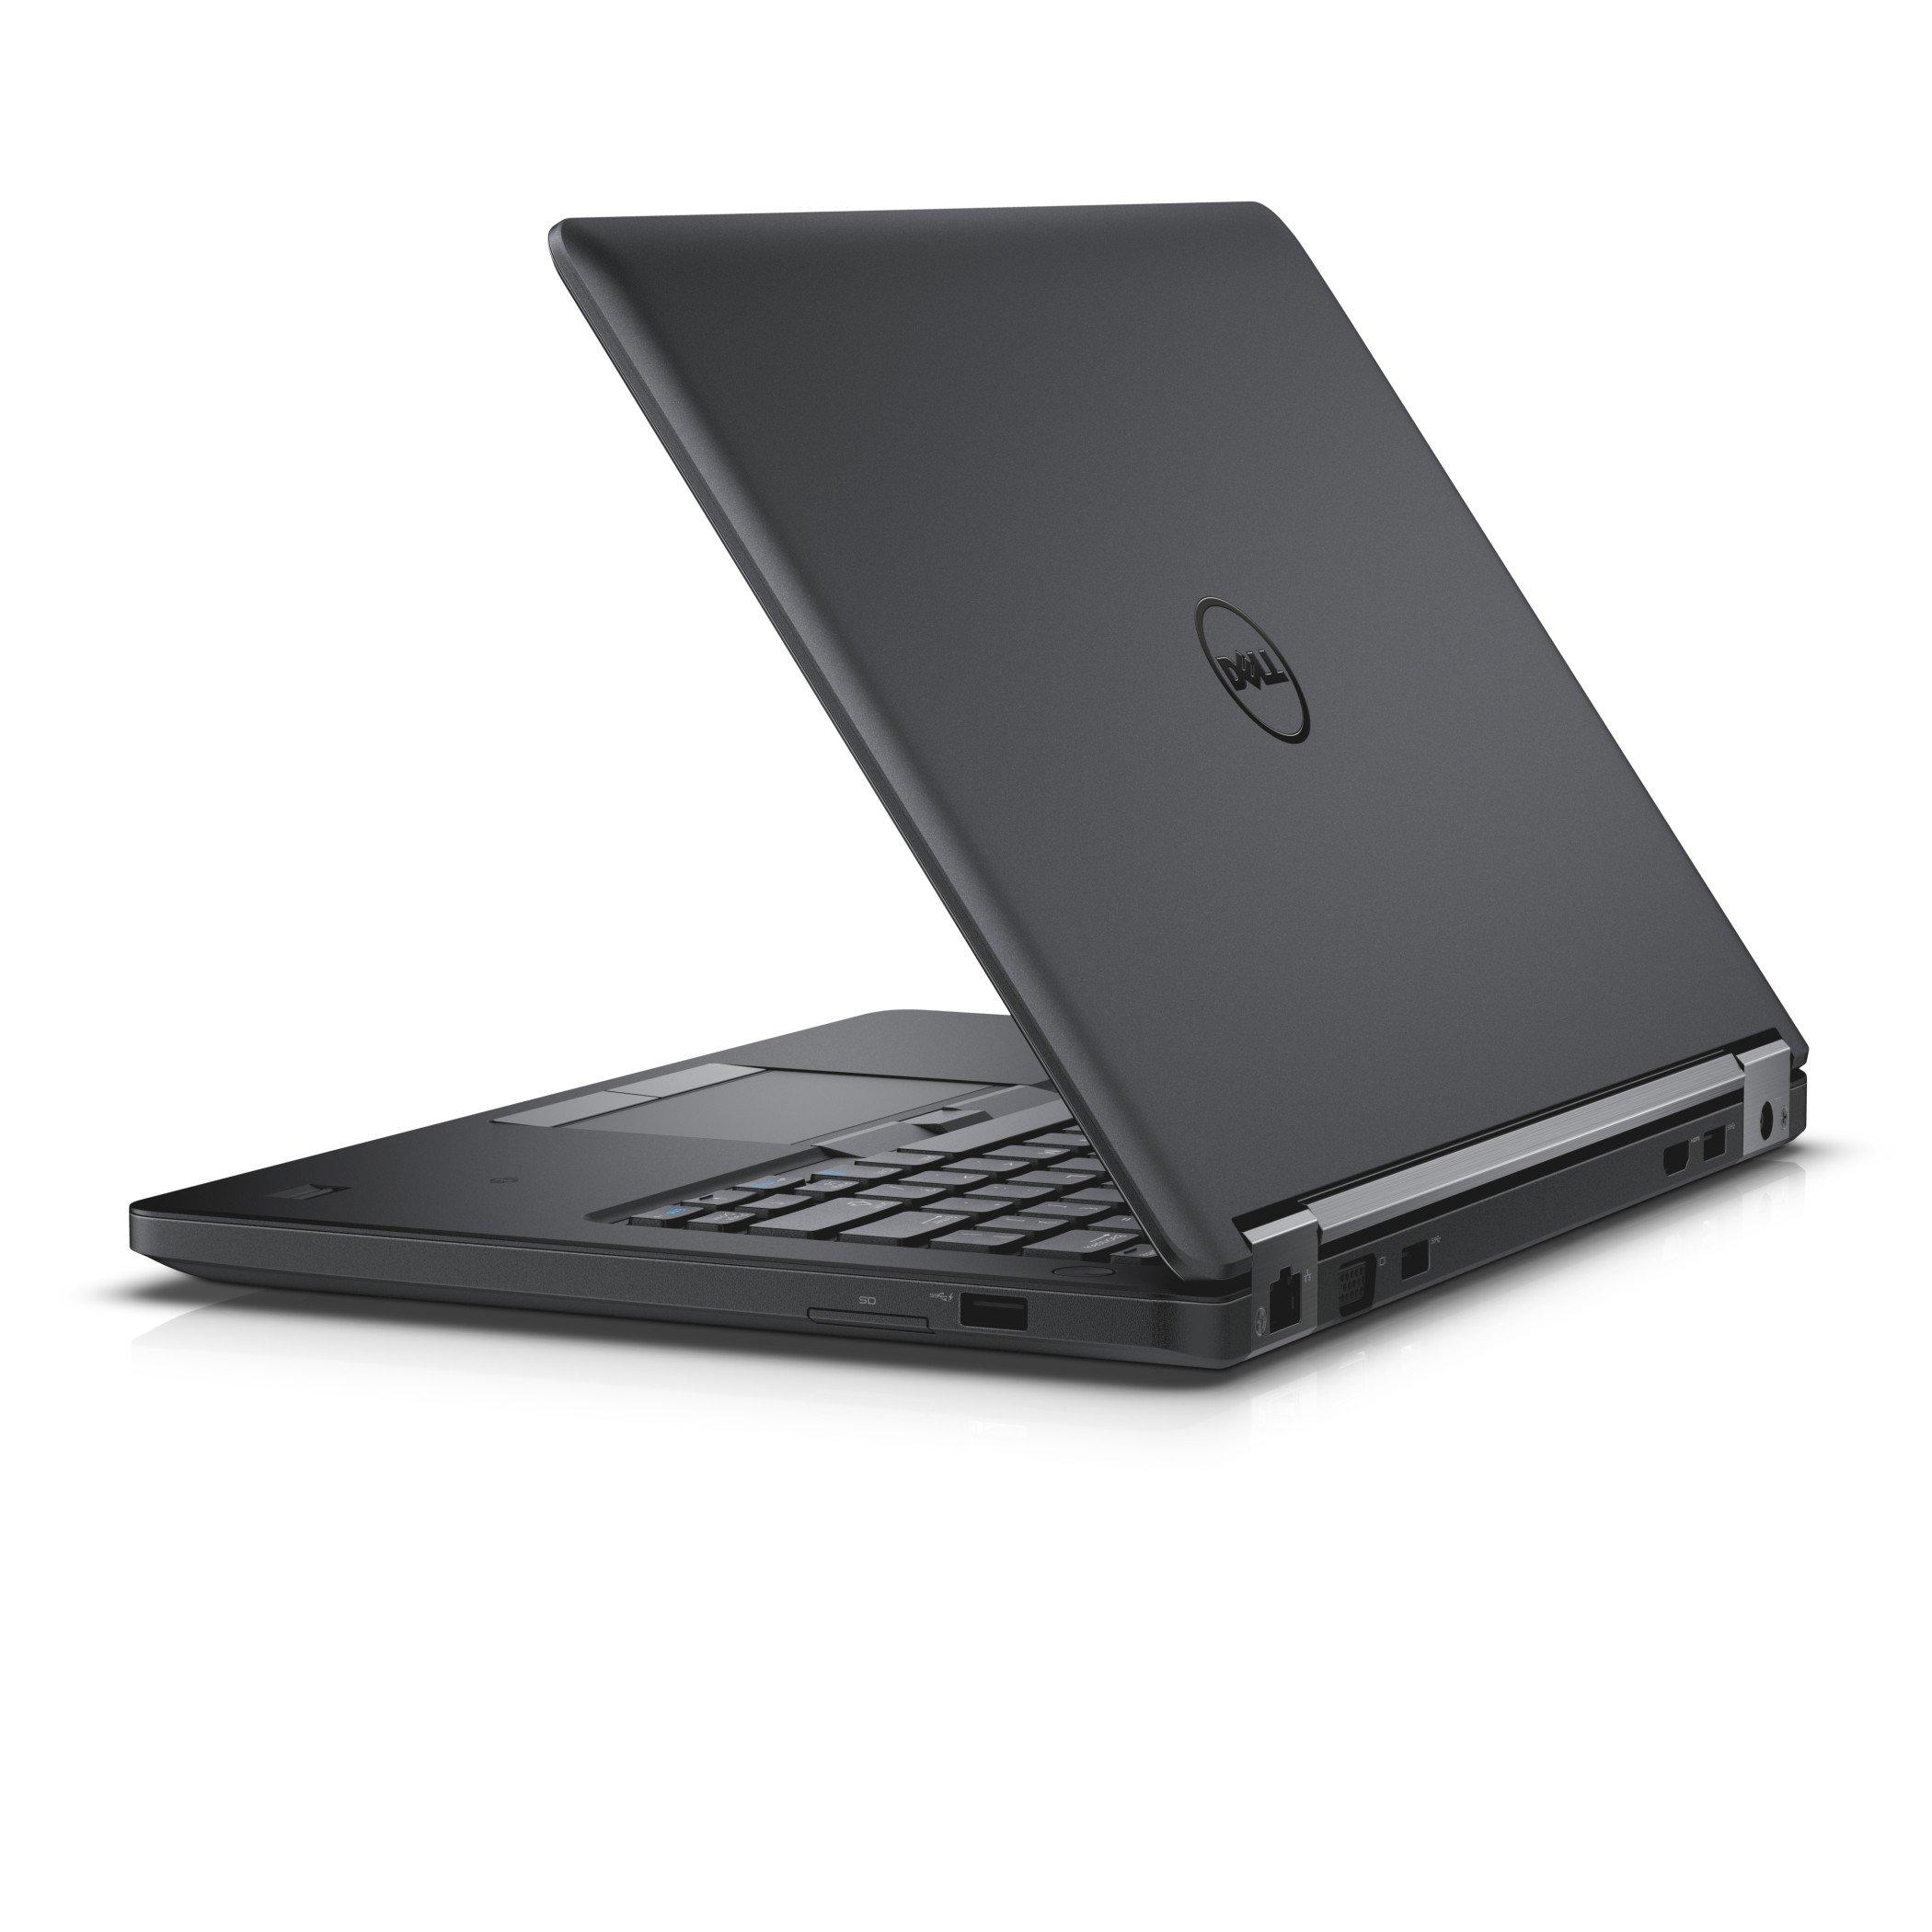 Dell Latitude 14 5000 E5450 I5 Refurb Astringo